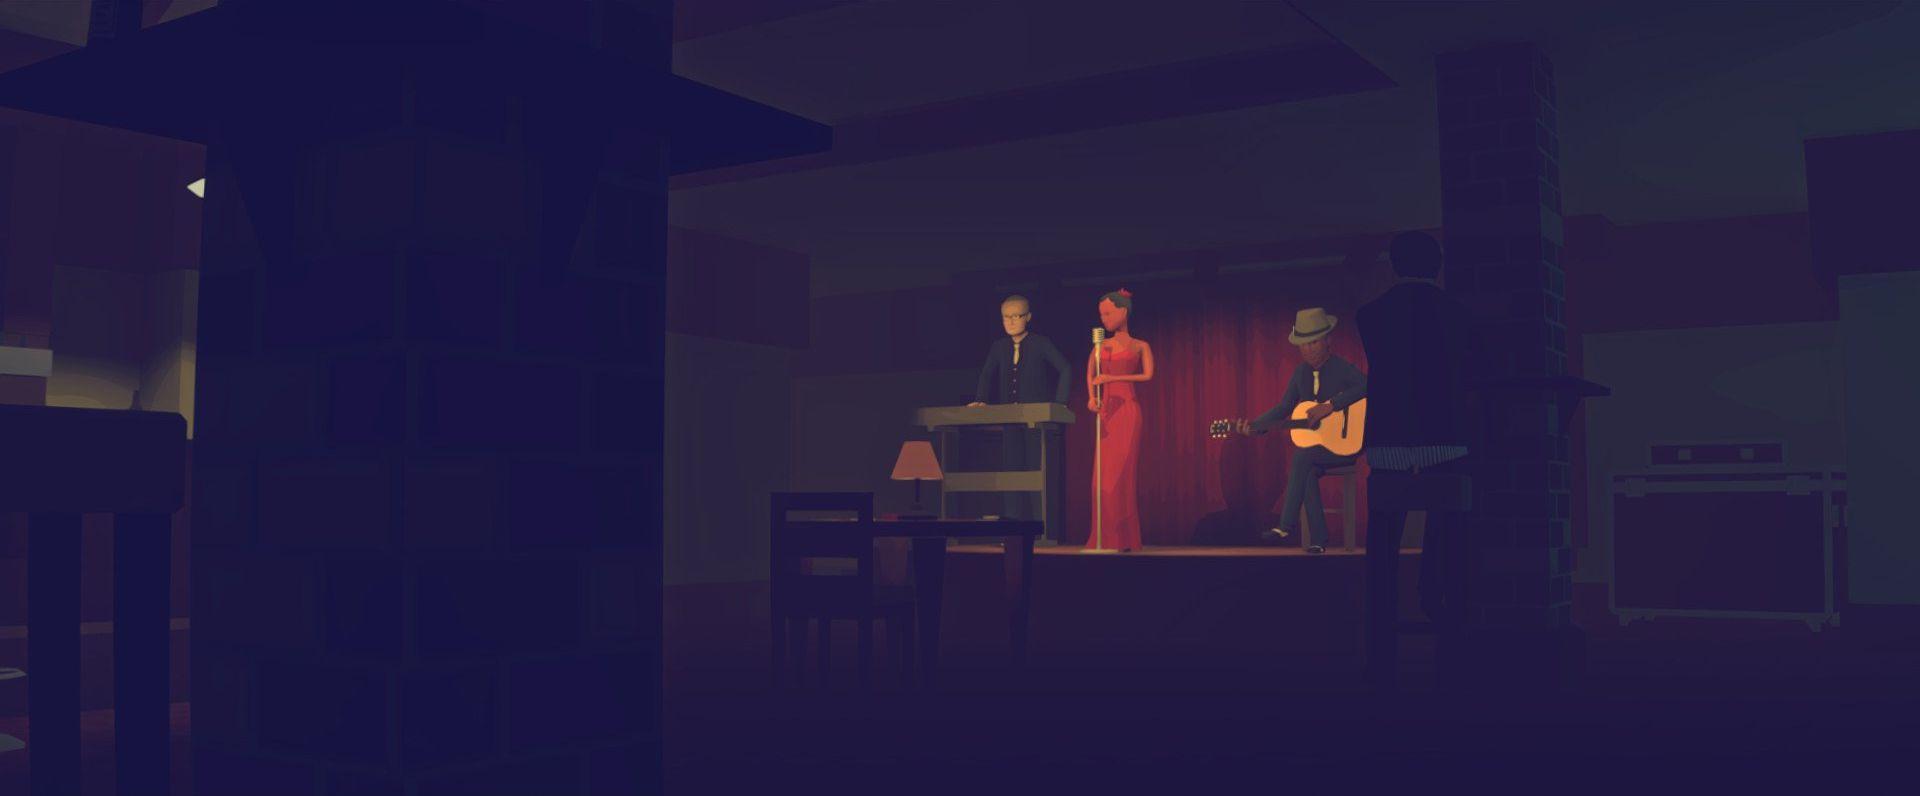 Игры вдохновленные твин пикс